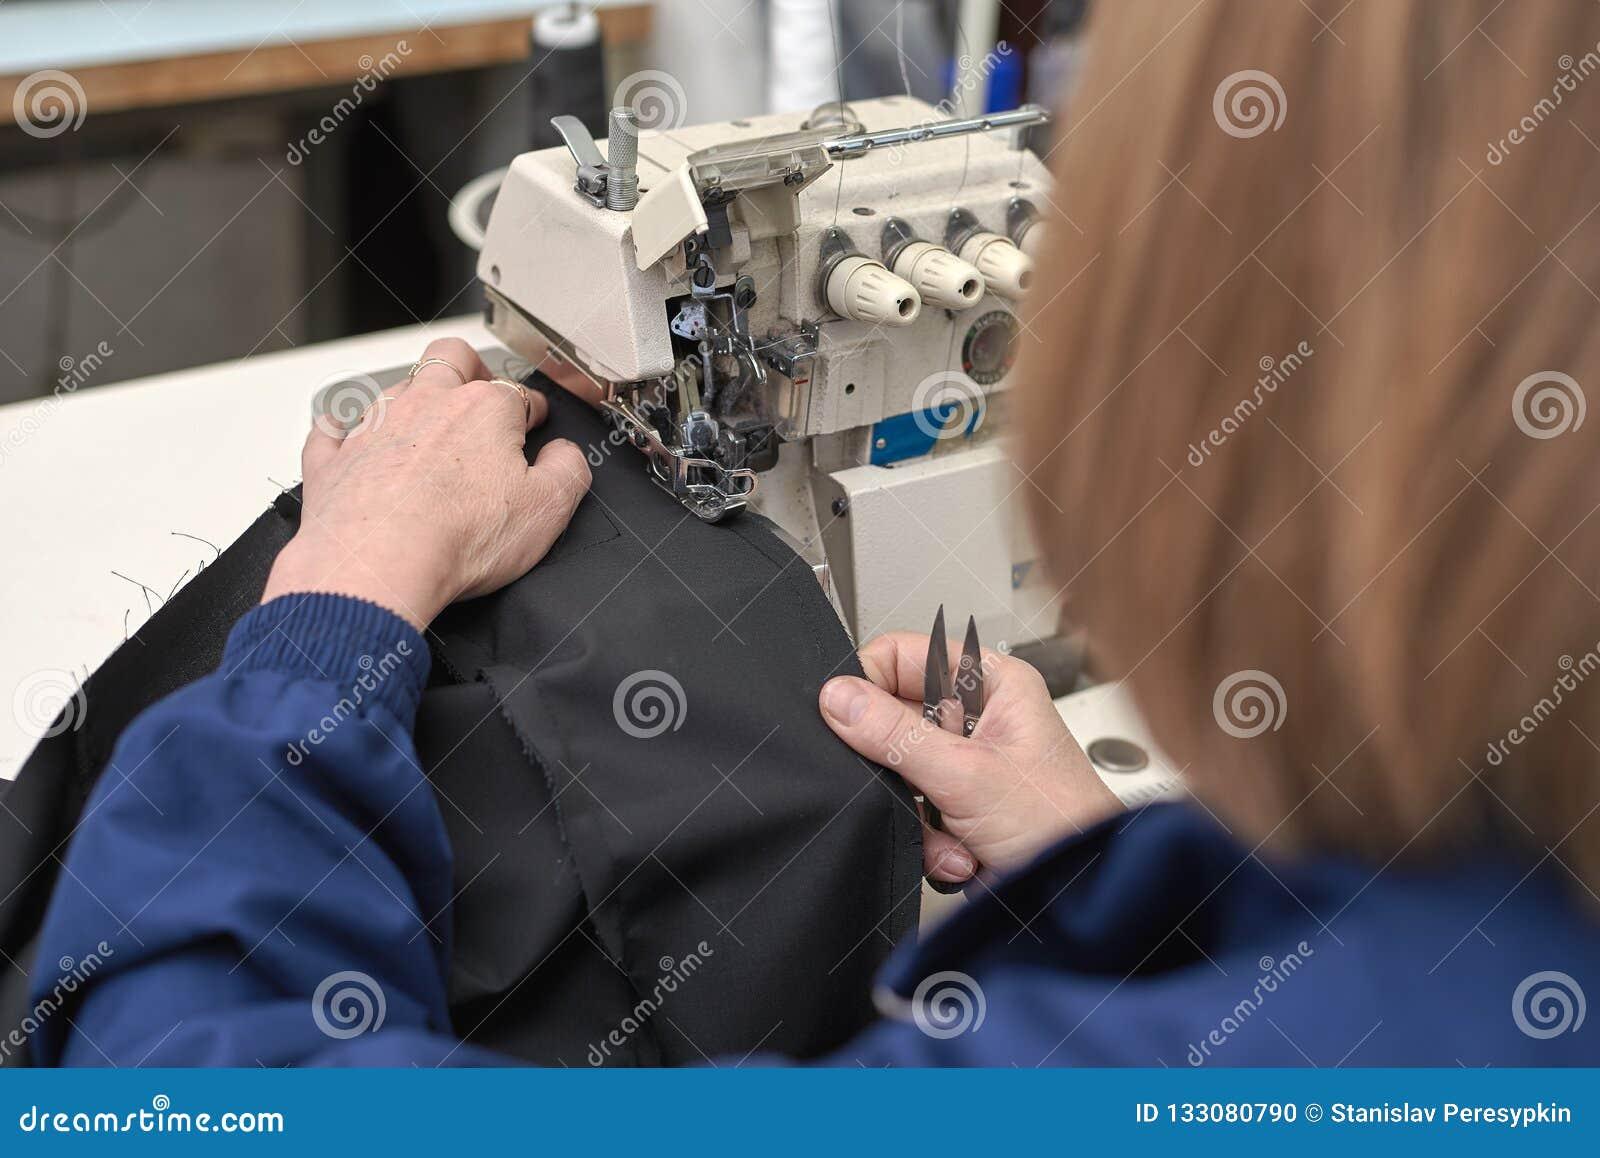 Eine Frau näht auf einer elektrischen Nähmaschine